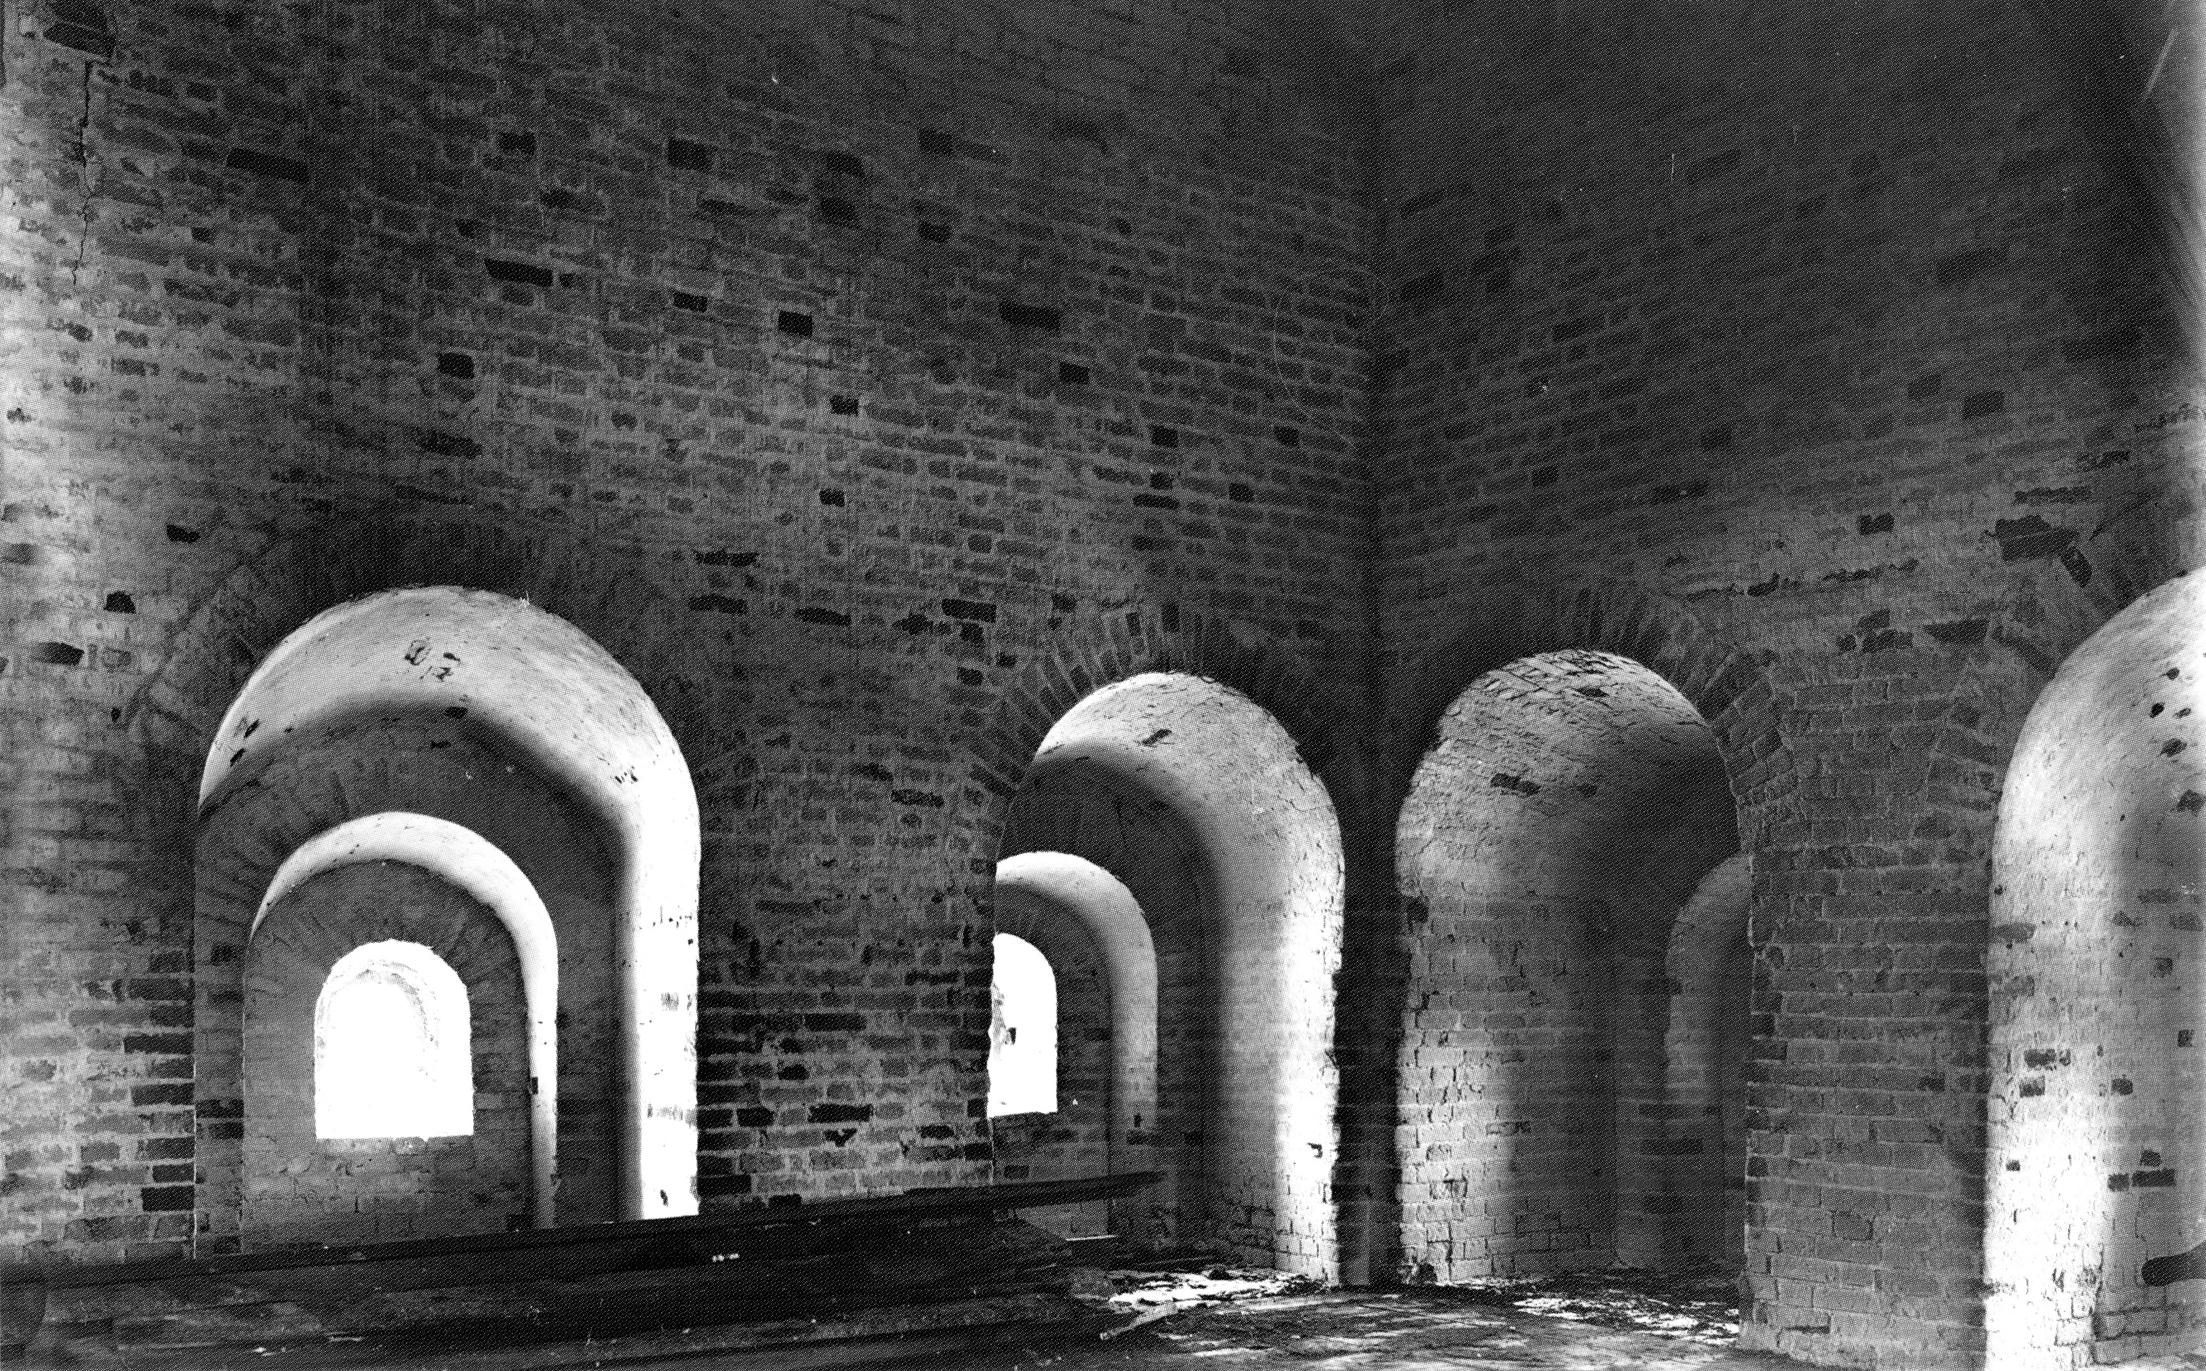 Внутри Никольской башни. Средний ярус. 1903